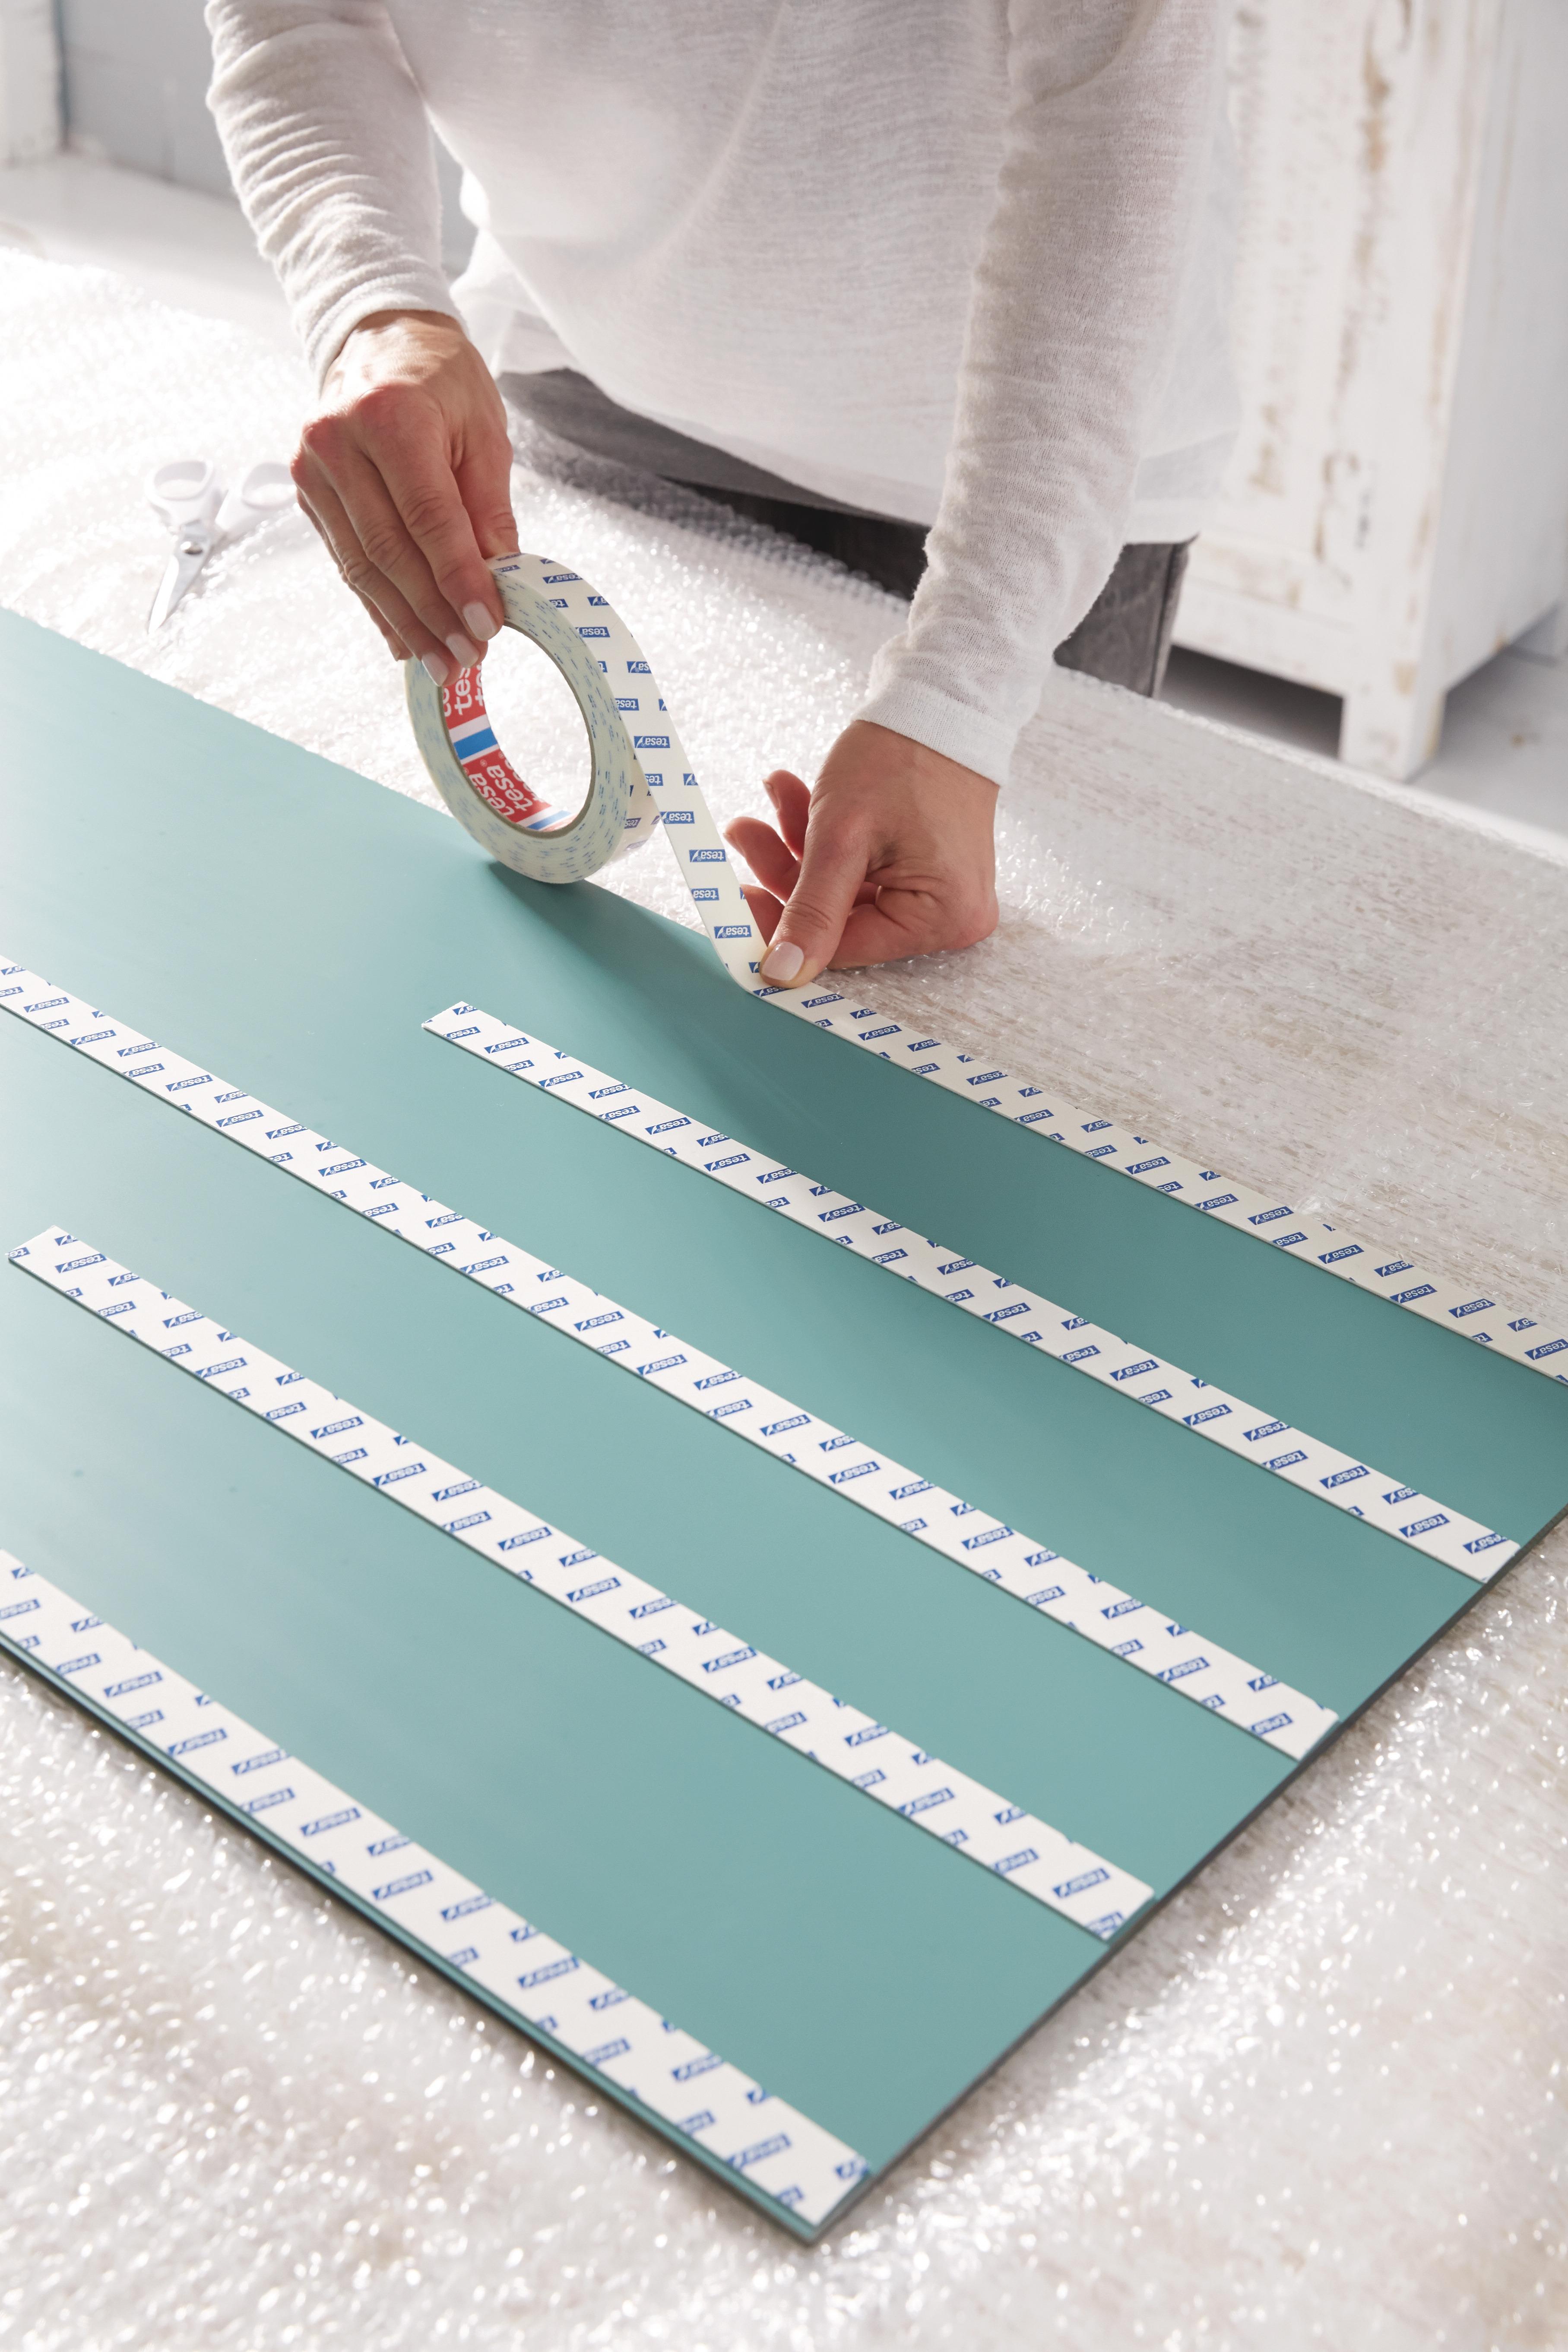 Indexbild 18 - tesa doppelseitiges Klebeband Montageband stark klebend beidseitig für Spiegel